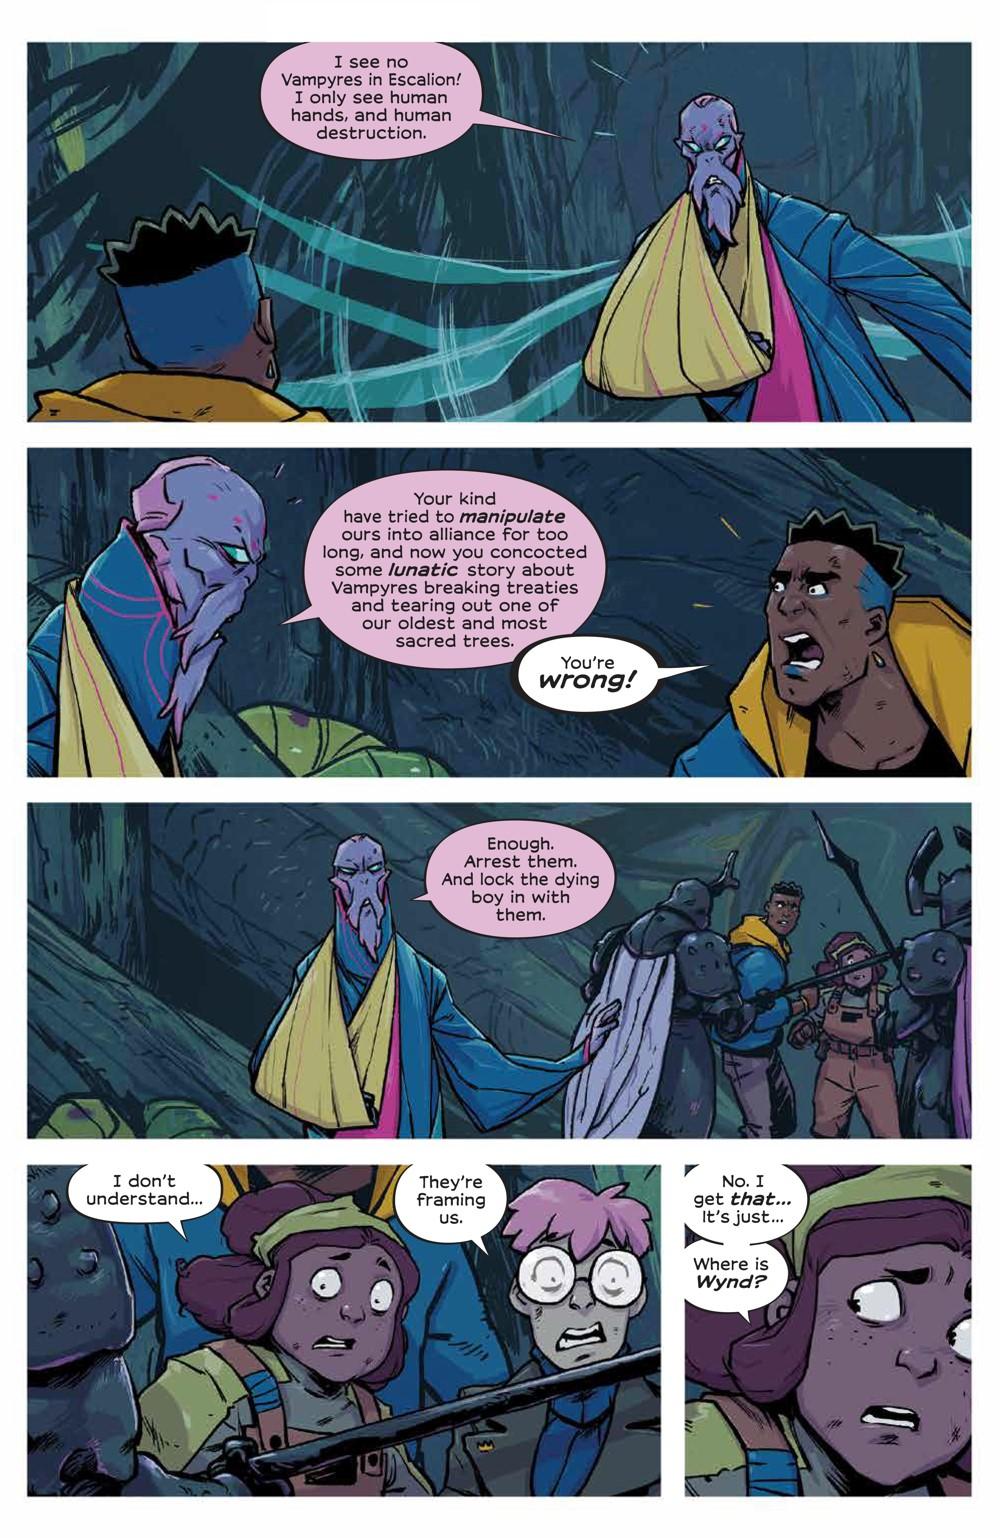 Wynd_010_PRESS_6 ComicList Previews: WYND #10